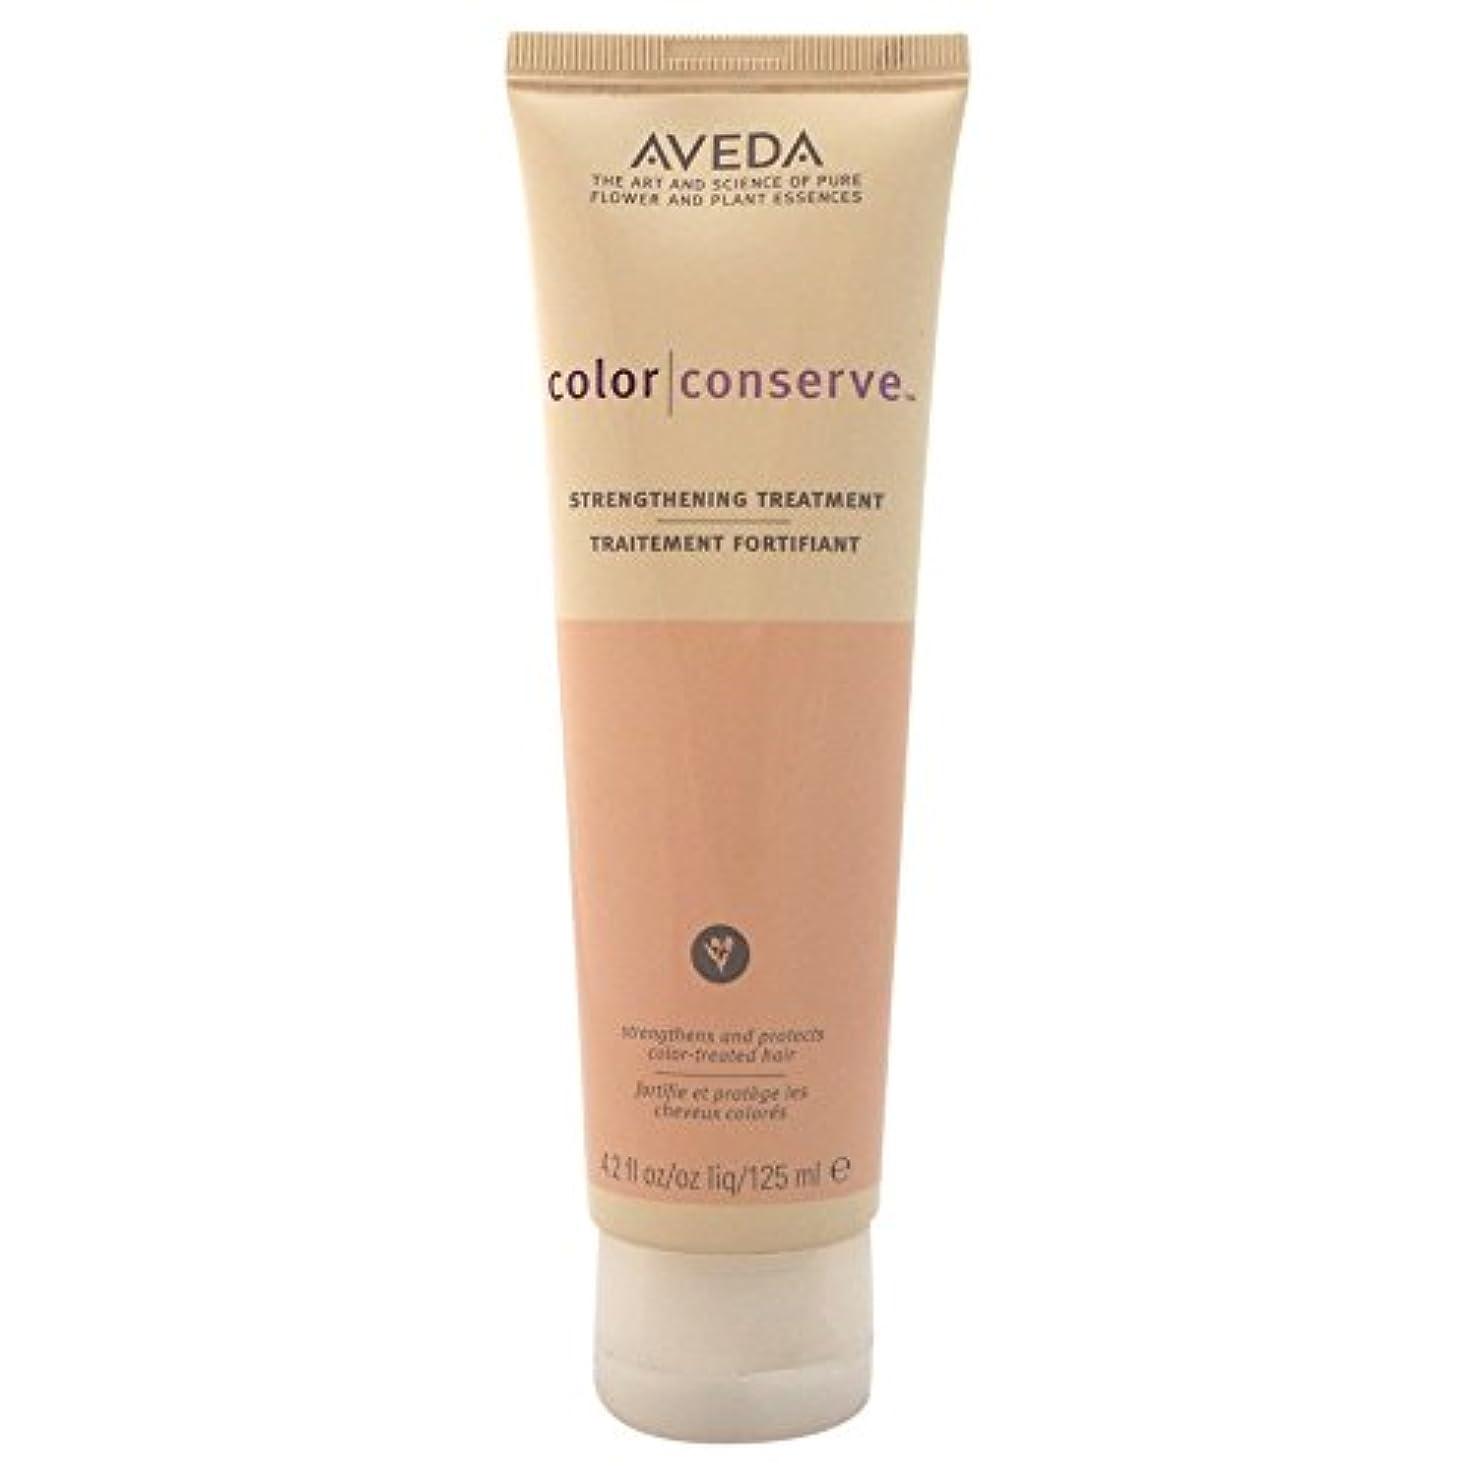 現れる異形抗生物質アヴェダ(AVEDA) カラーコンサーブストレングストリートメント 125ml[並行輸入品]